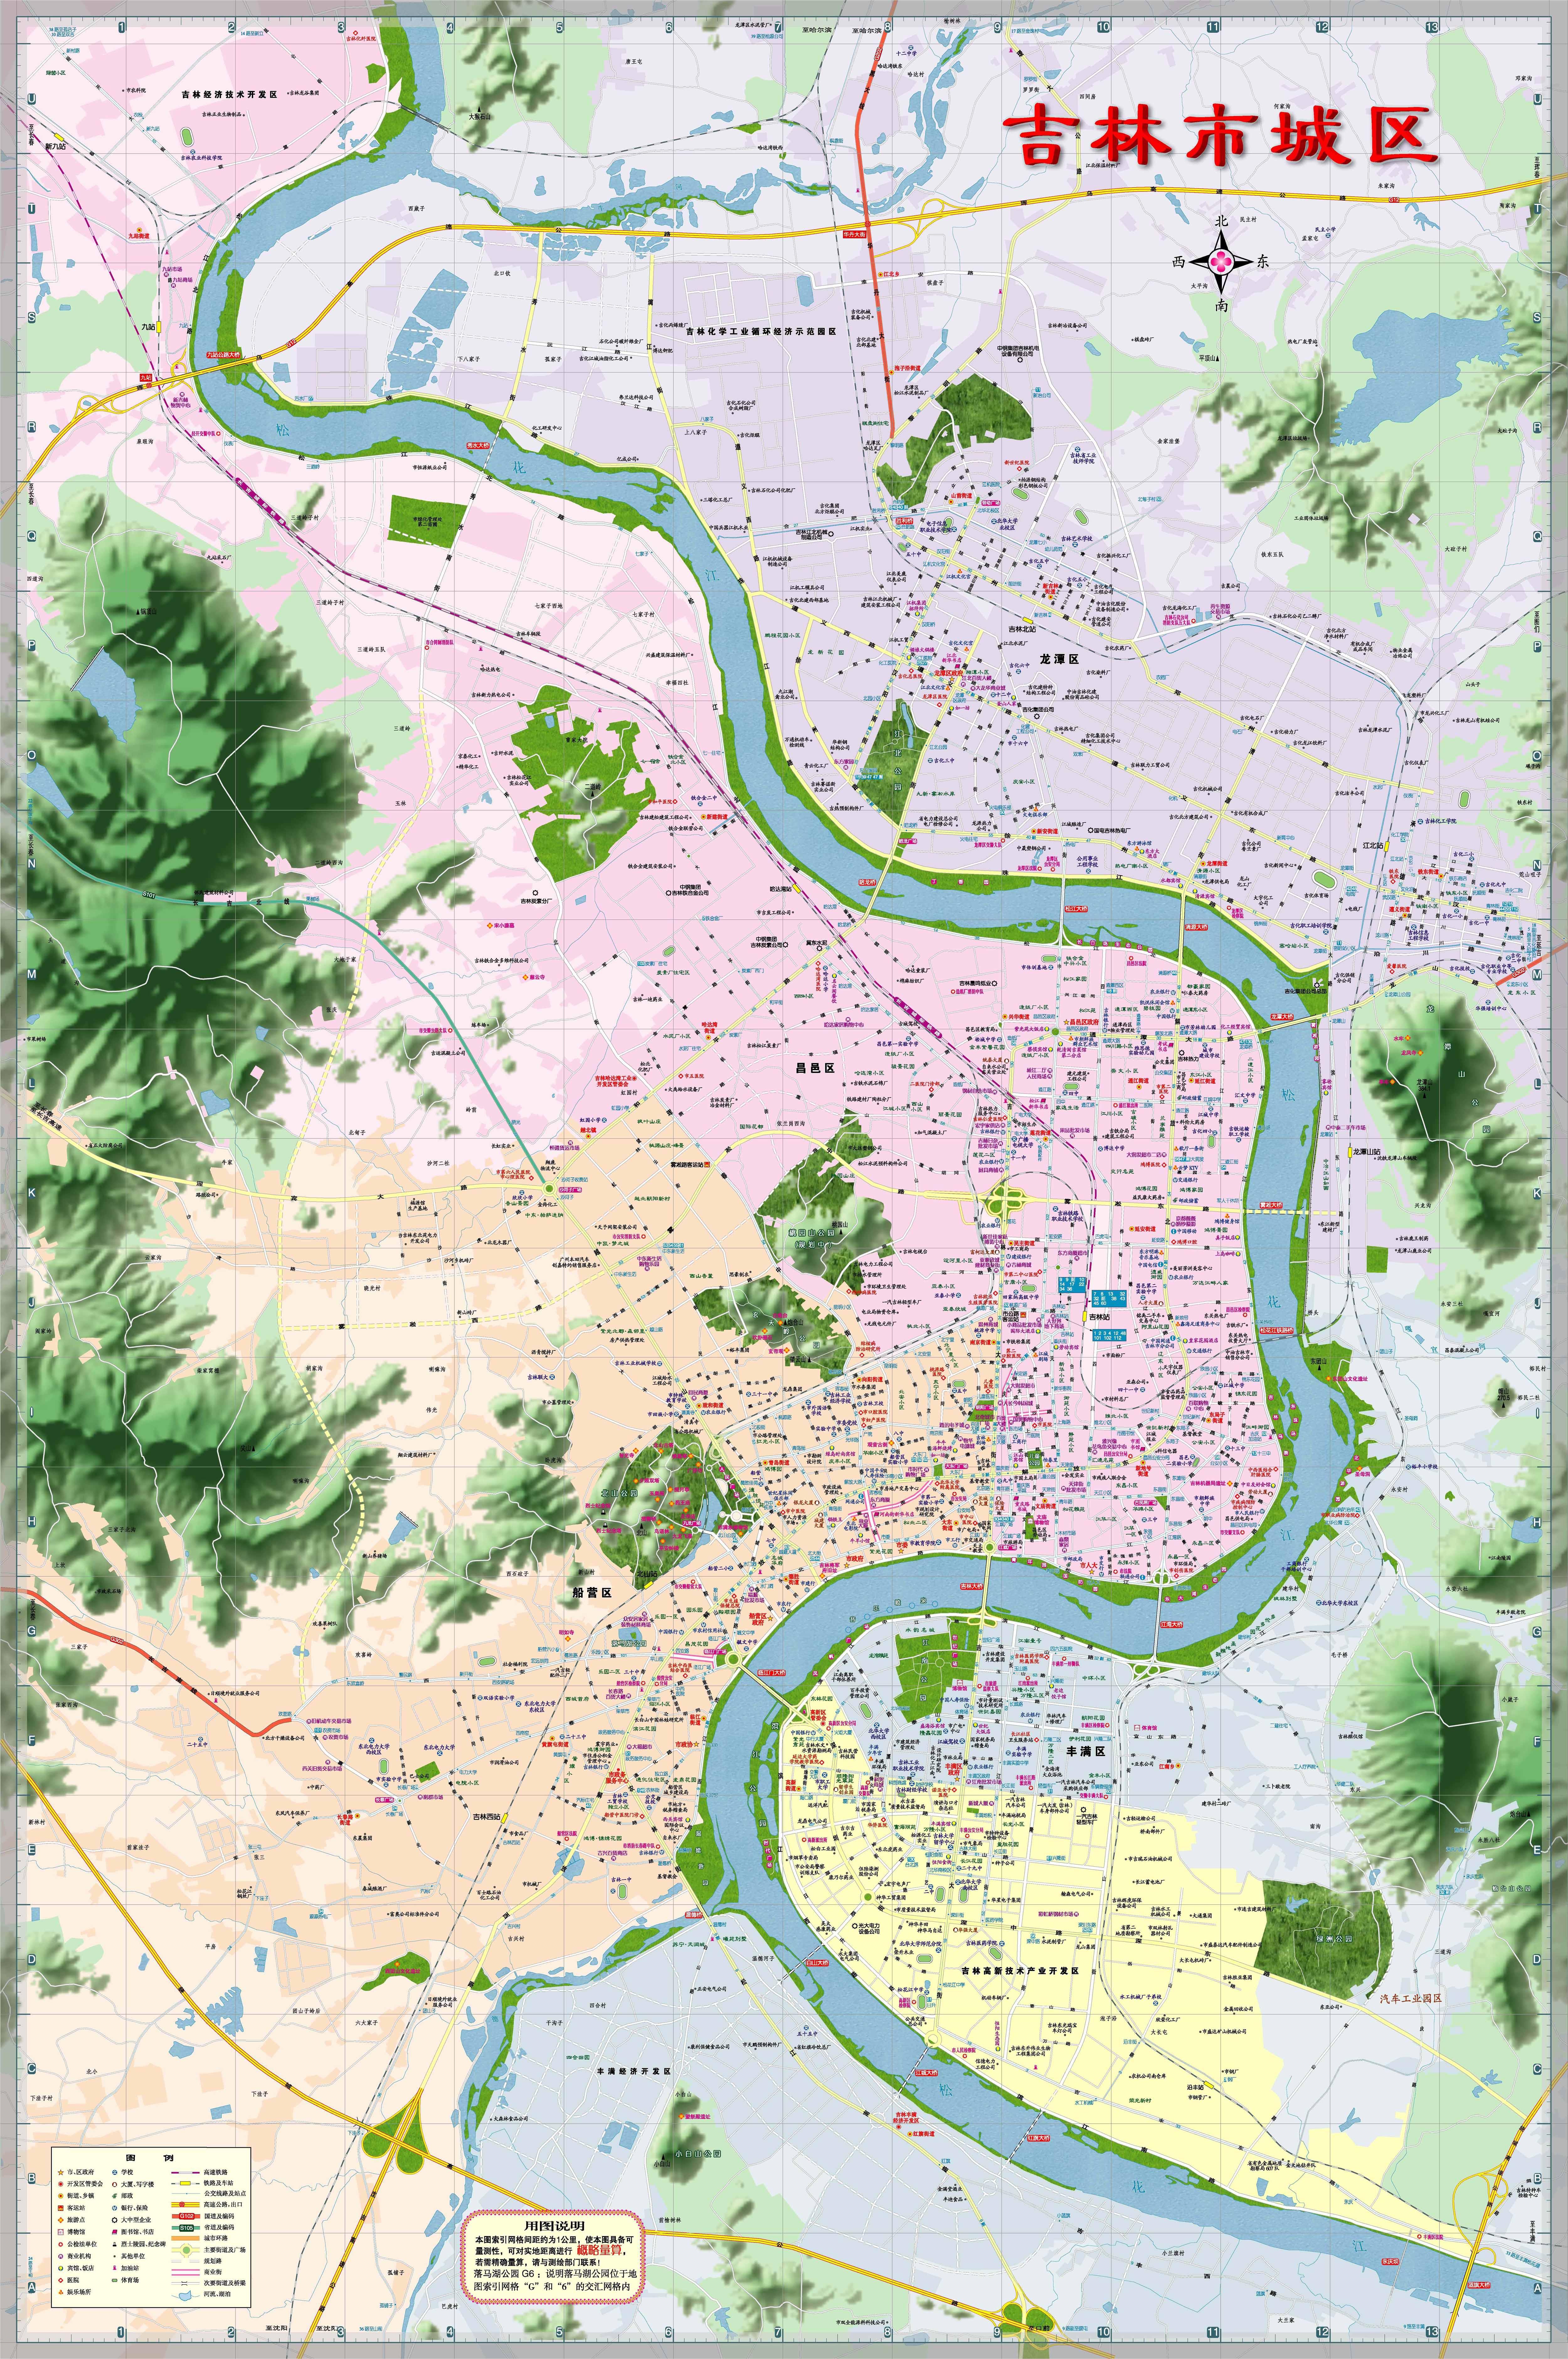 吉林市旅游地图高清版大图图片